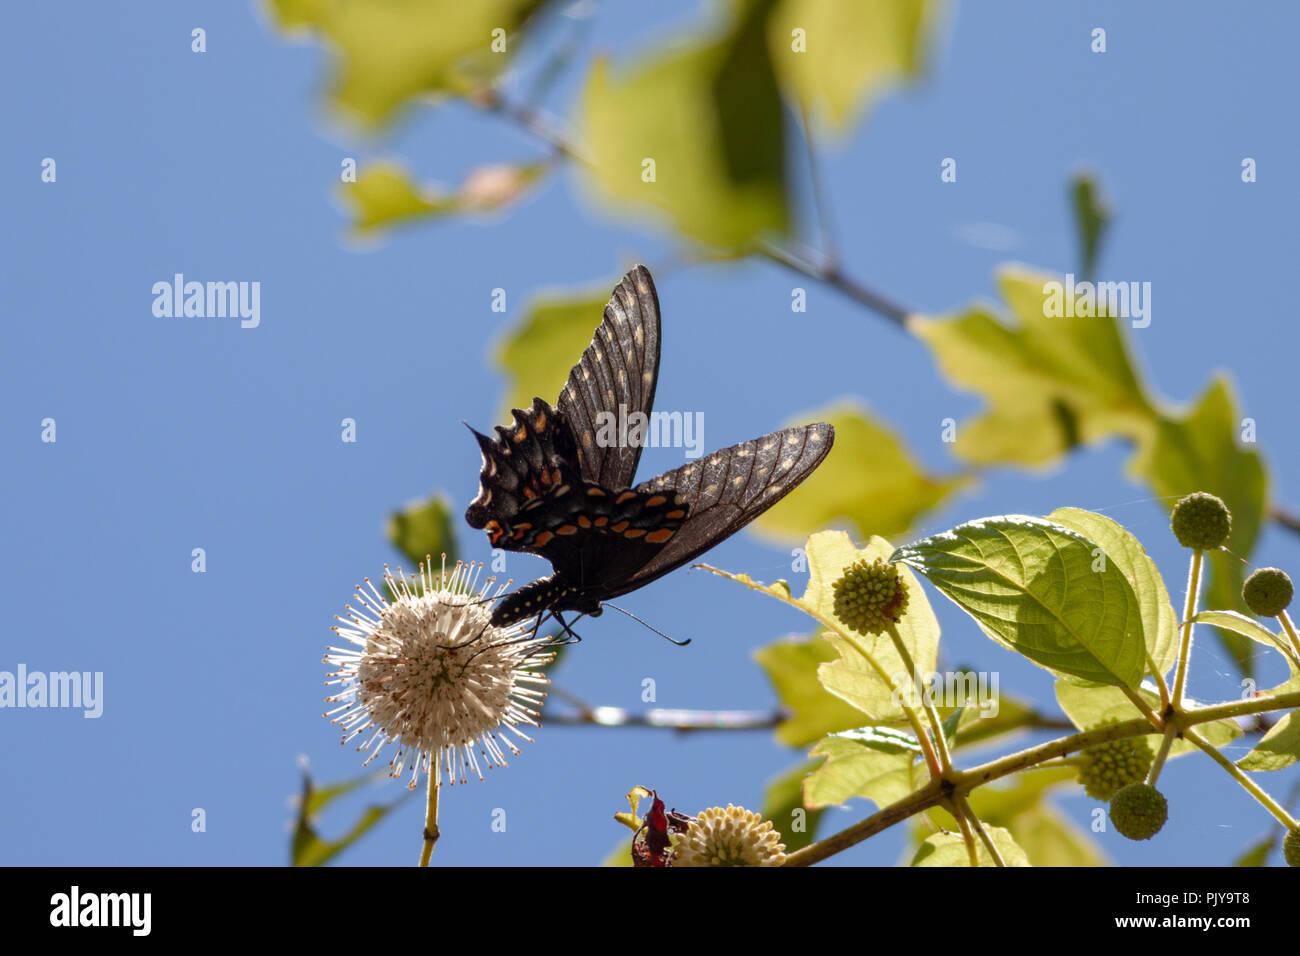 Una especie de mariposa se alimenta en una flor de azahar contra un brillante, el cielo nublado en Bayou Coquille, al sur de Nueva Orleans, Luisiana. Foto de stock